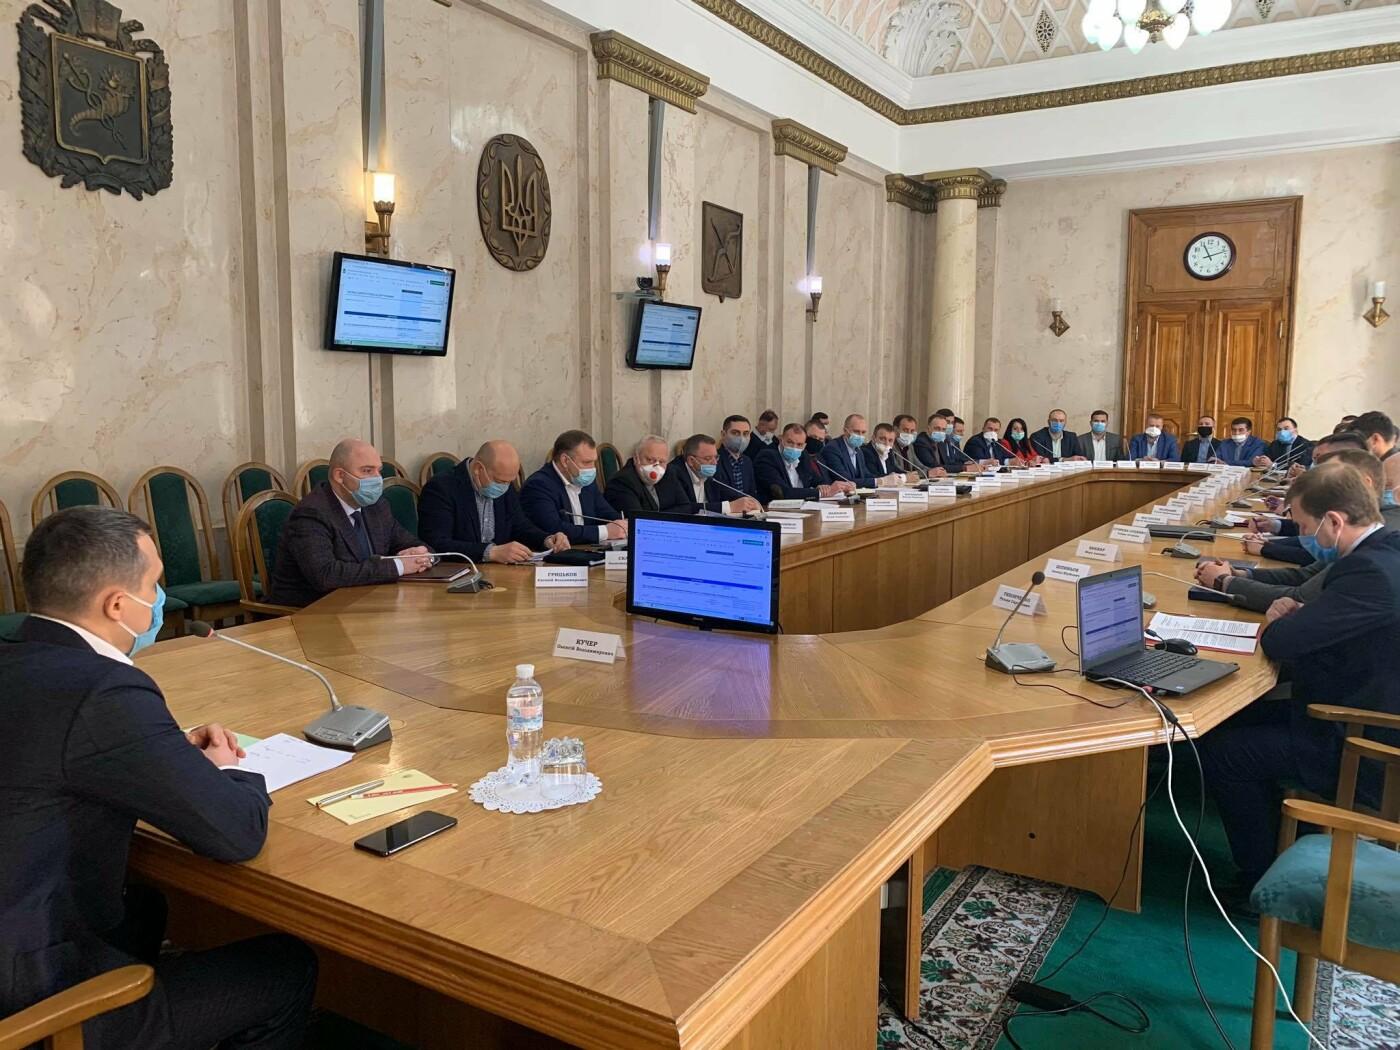 Работу каждой РГА на Харьковщине будут оценивать по новой системе, фото-1